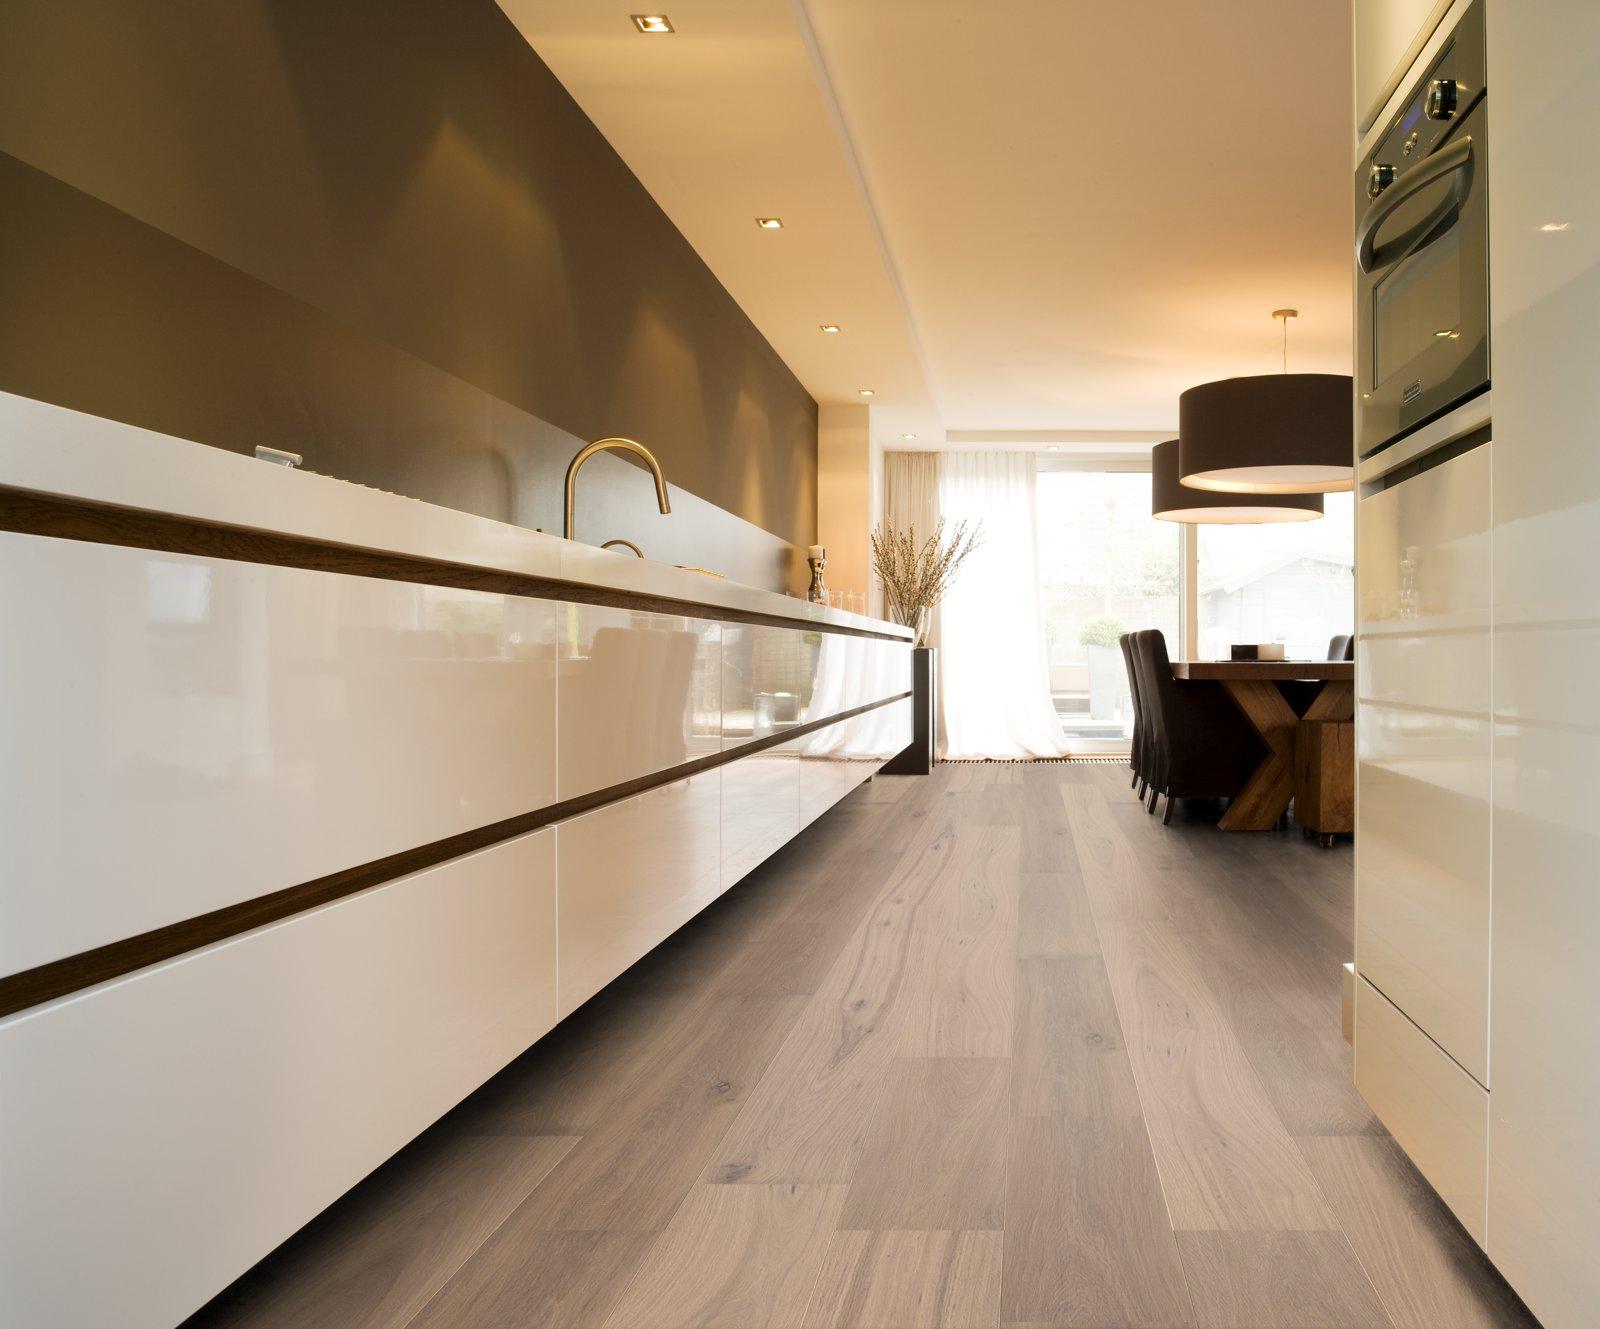 schoonmaaktips voor de houten vloer nieuws startpagina voor